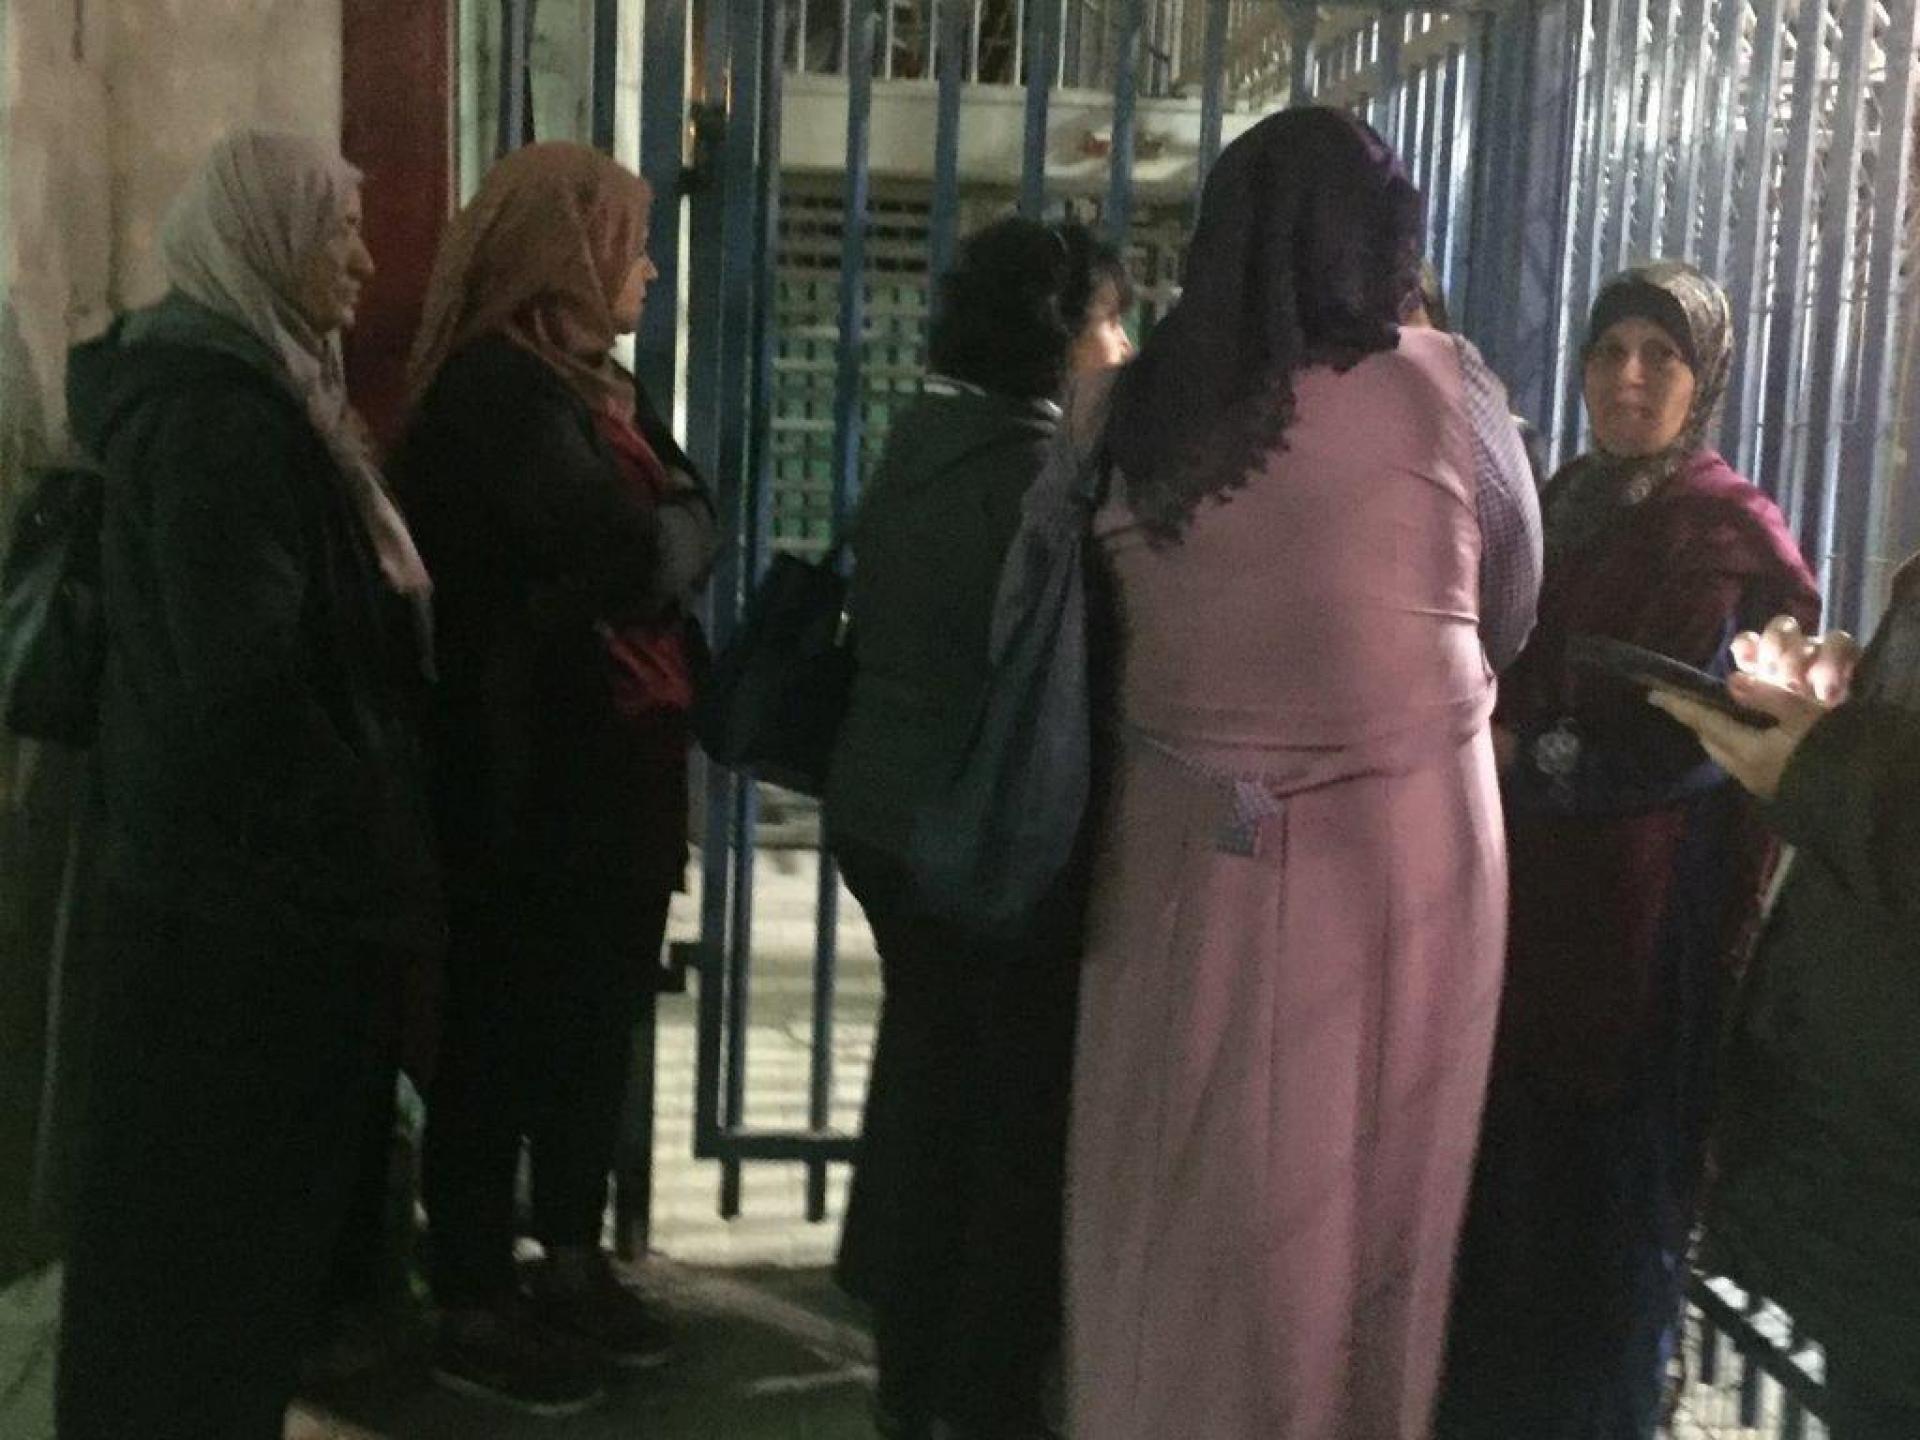 נשים ממתינות לפתיחת השער ההומניטרי